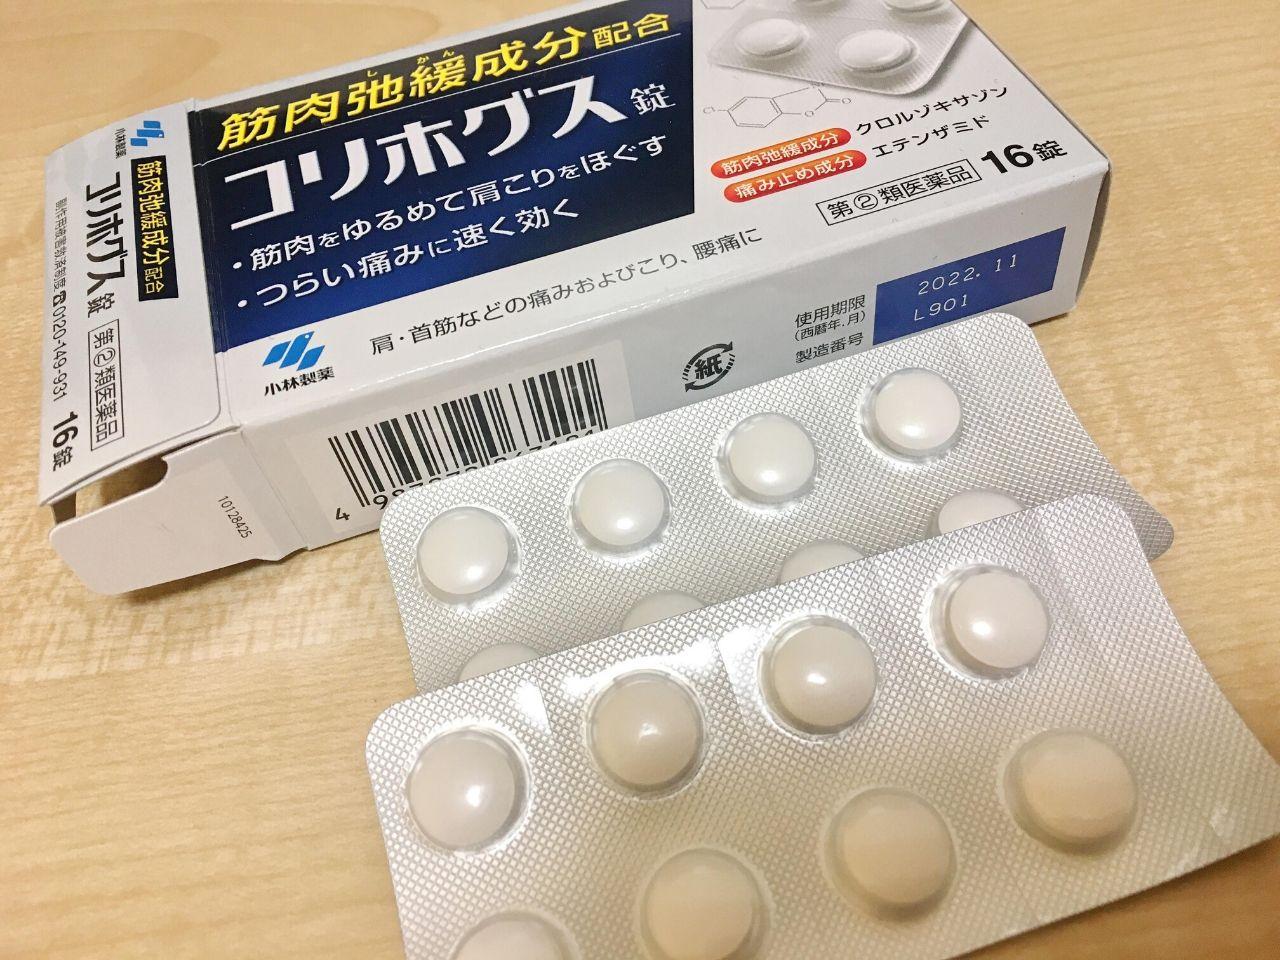 コリホグスの箱と錠剤